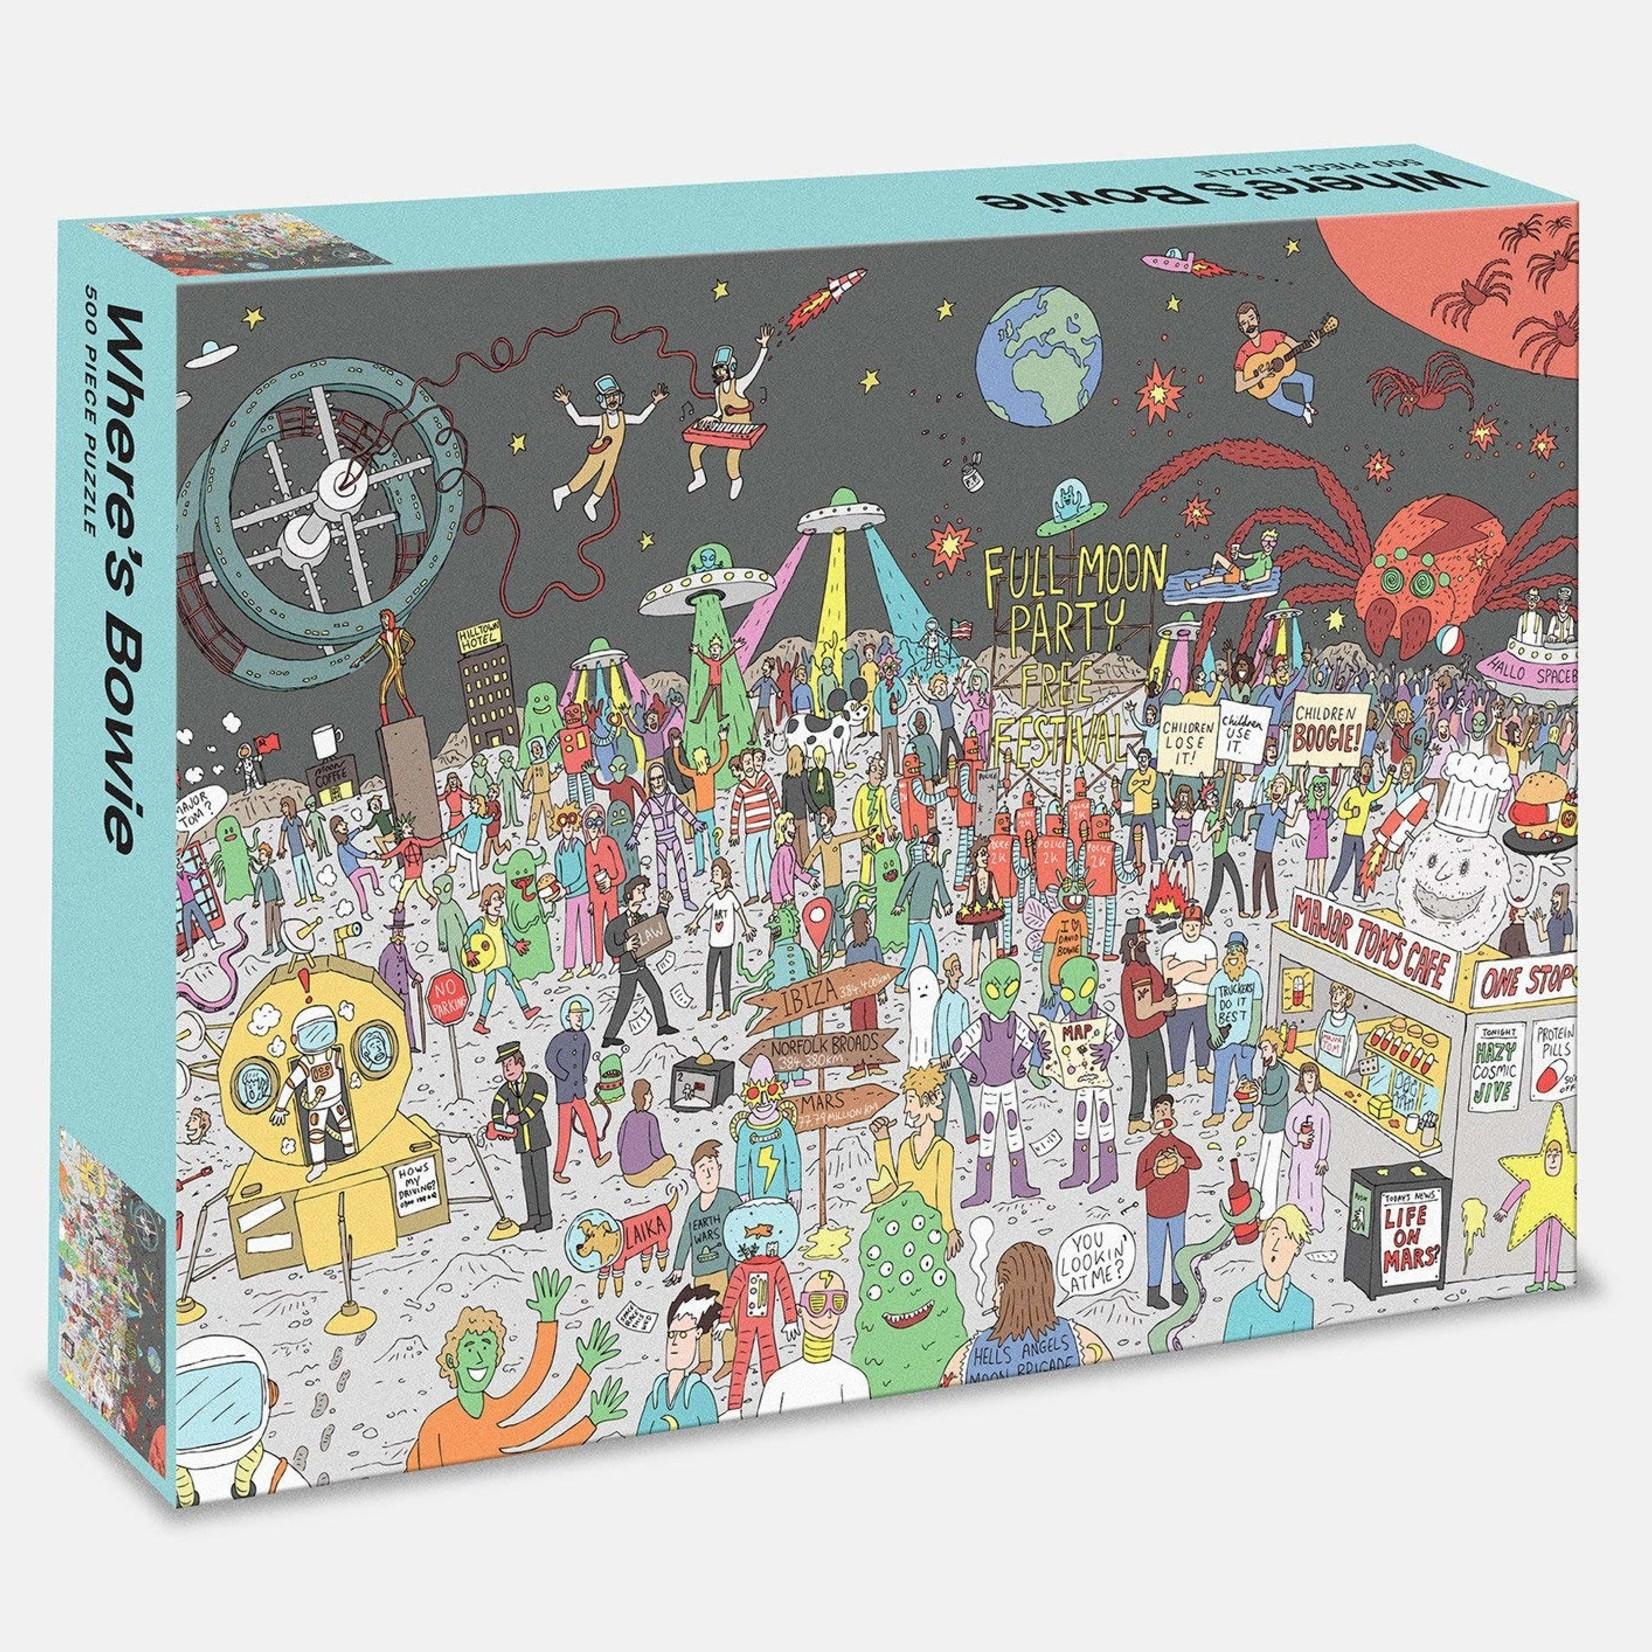 Rizzoli 500 Piece Where's Bowie? Jigsaw Puzzle